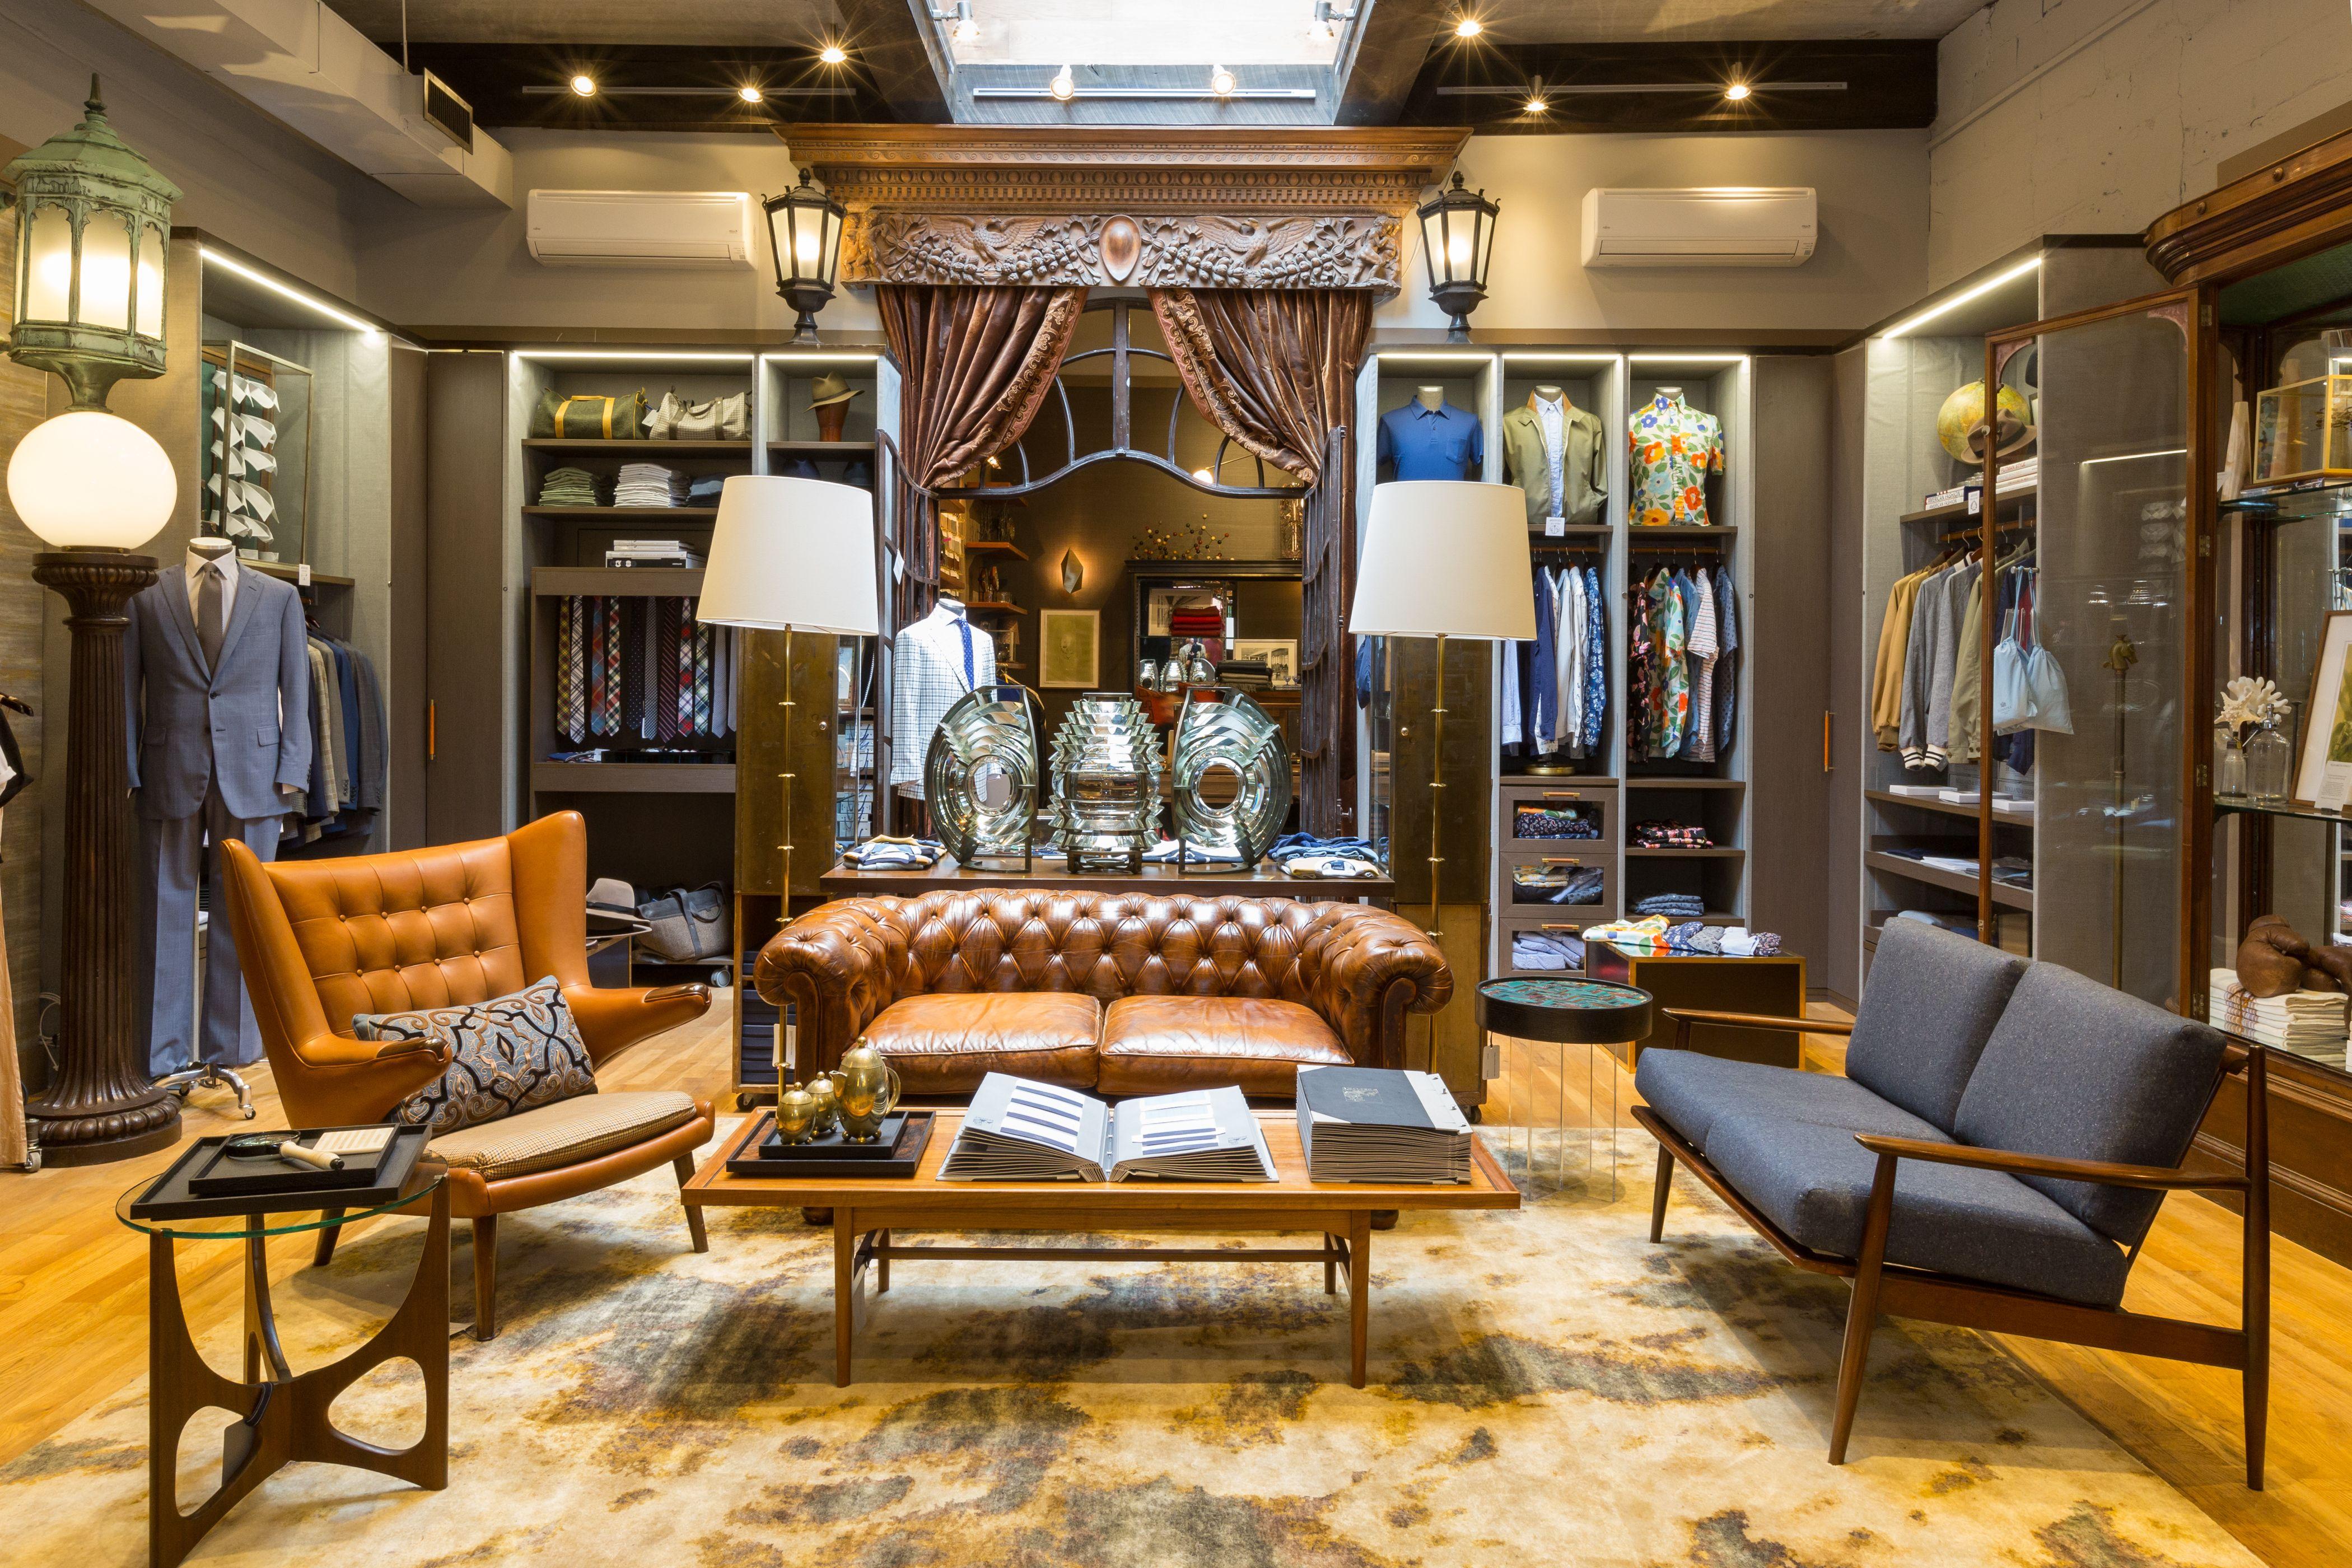 Interior Designer Kara Mann Shares Her Favorite Home Design Shops In LA And NY